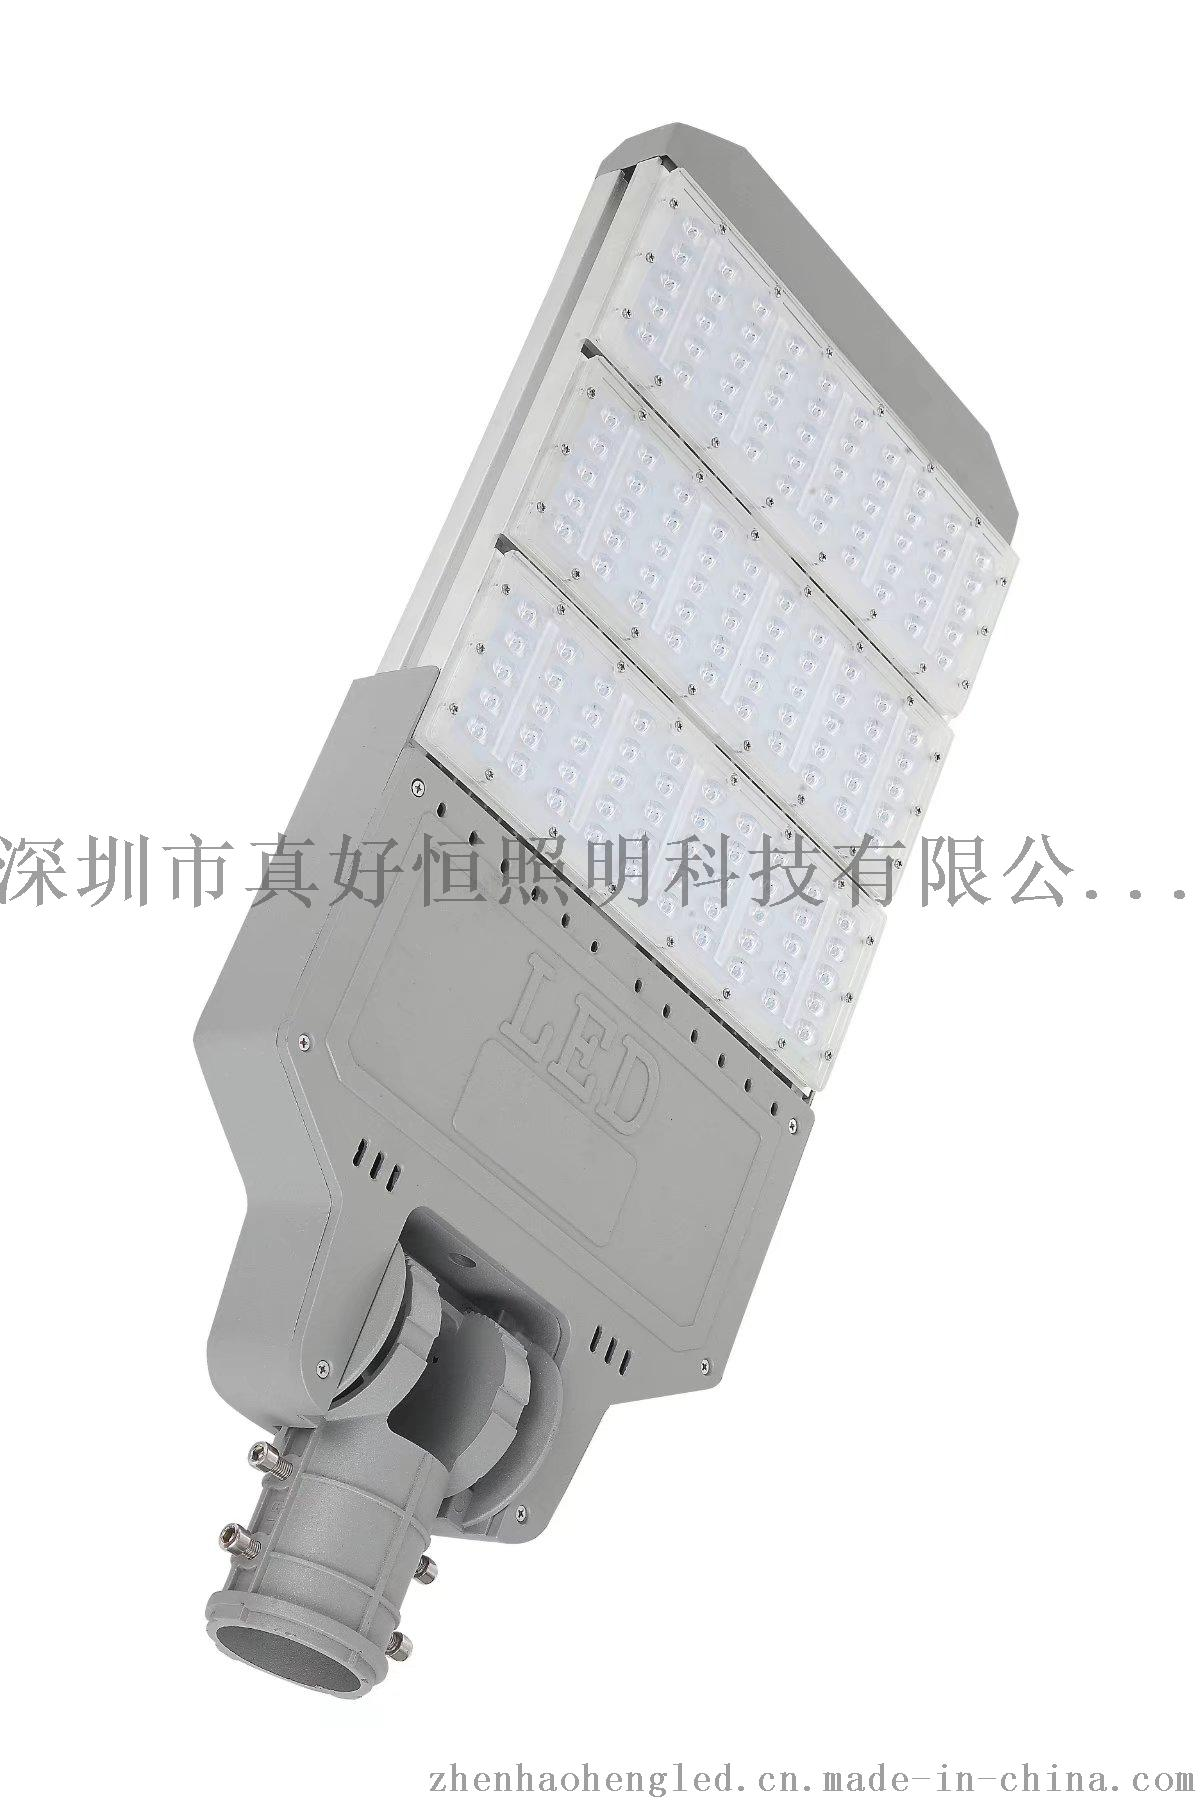 好恒照明专业生产LED100瓦模组路灯 隧道灯 投光灯 庭院灯挑臂路灯变形金刚模组758480995